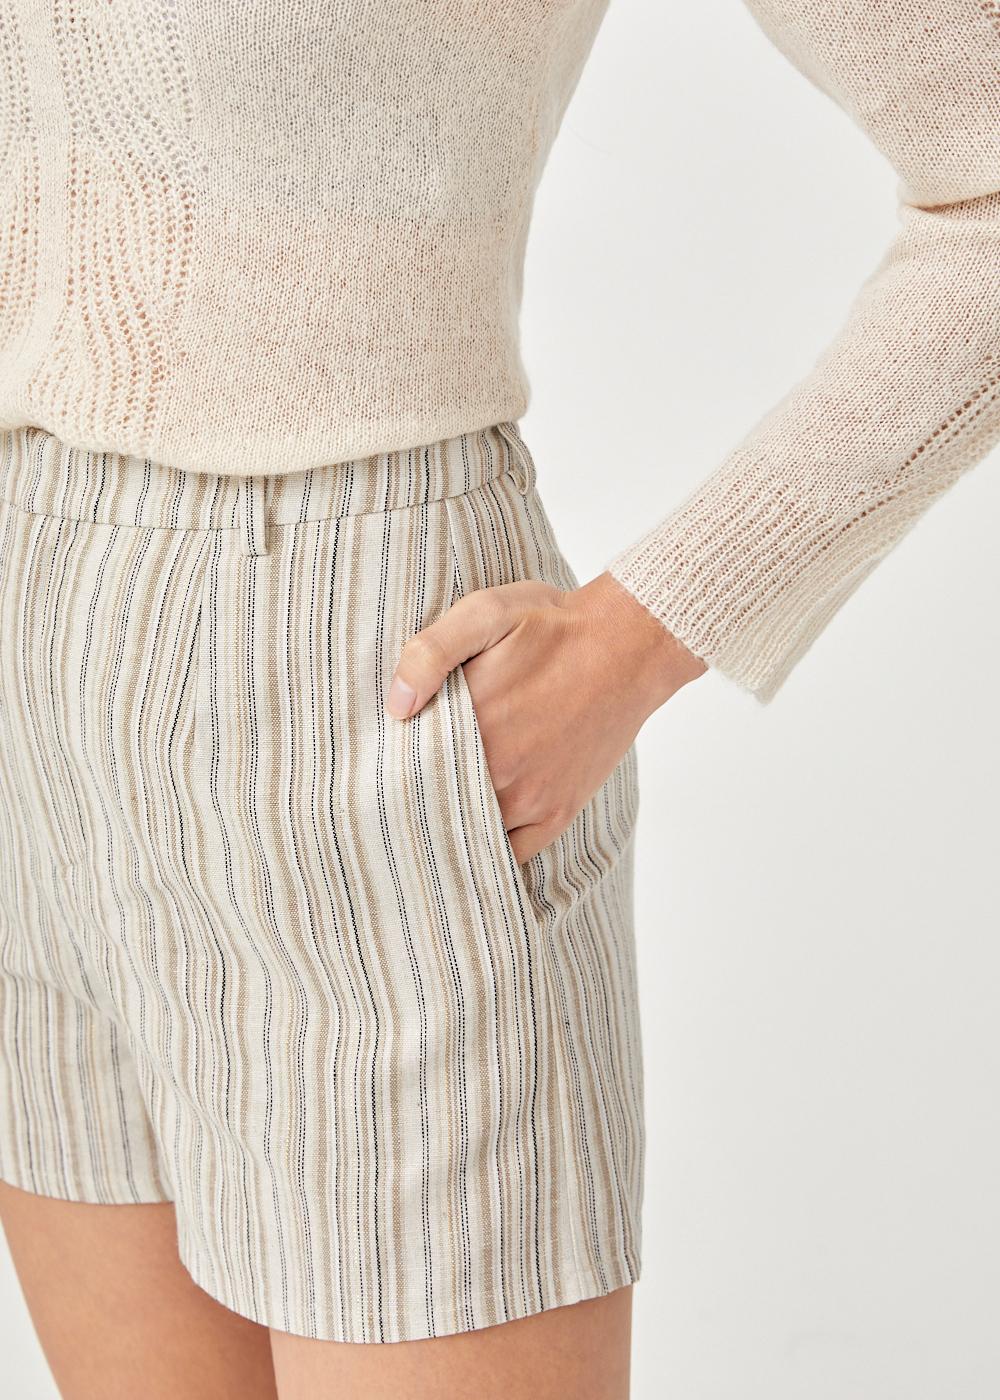 Nash Linen High Waist Shorts